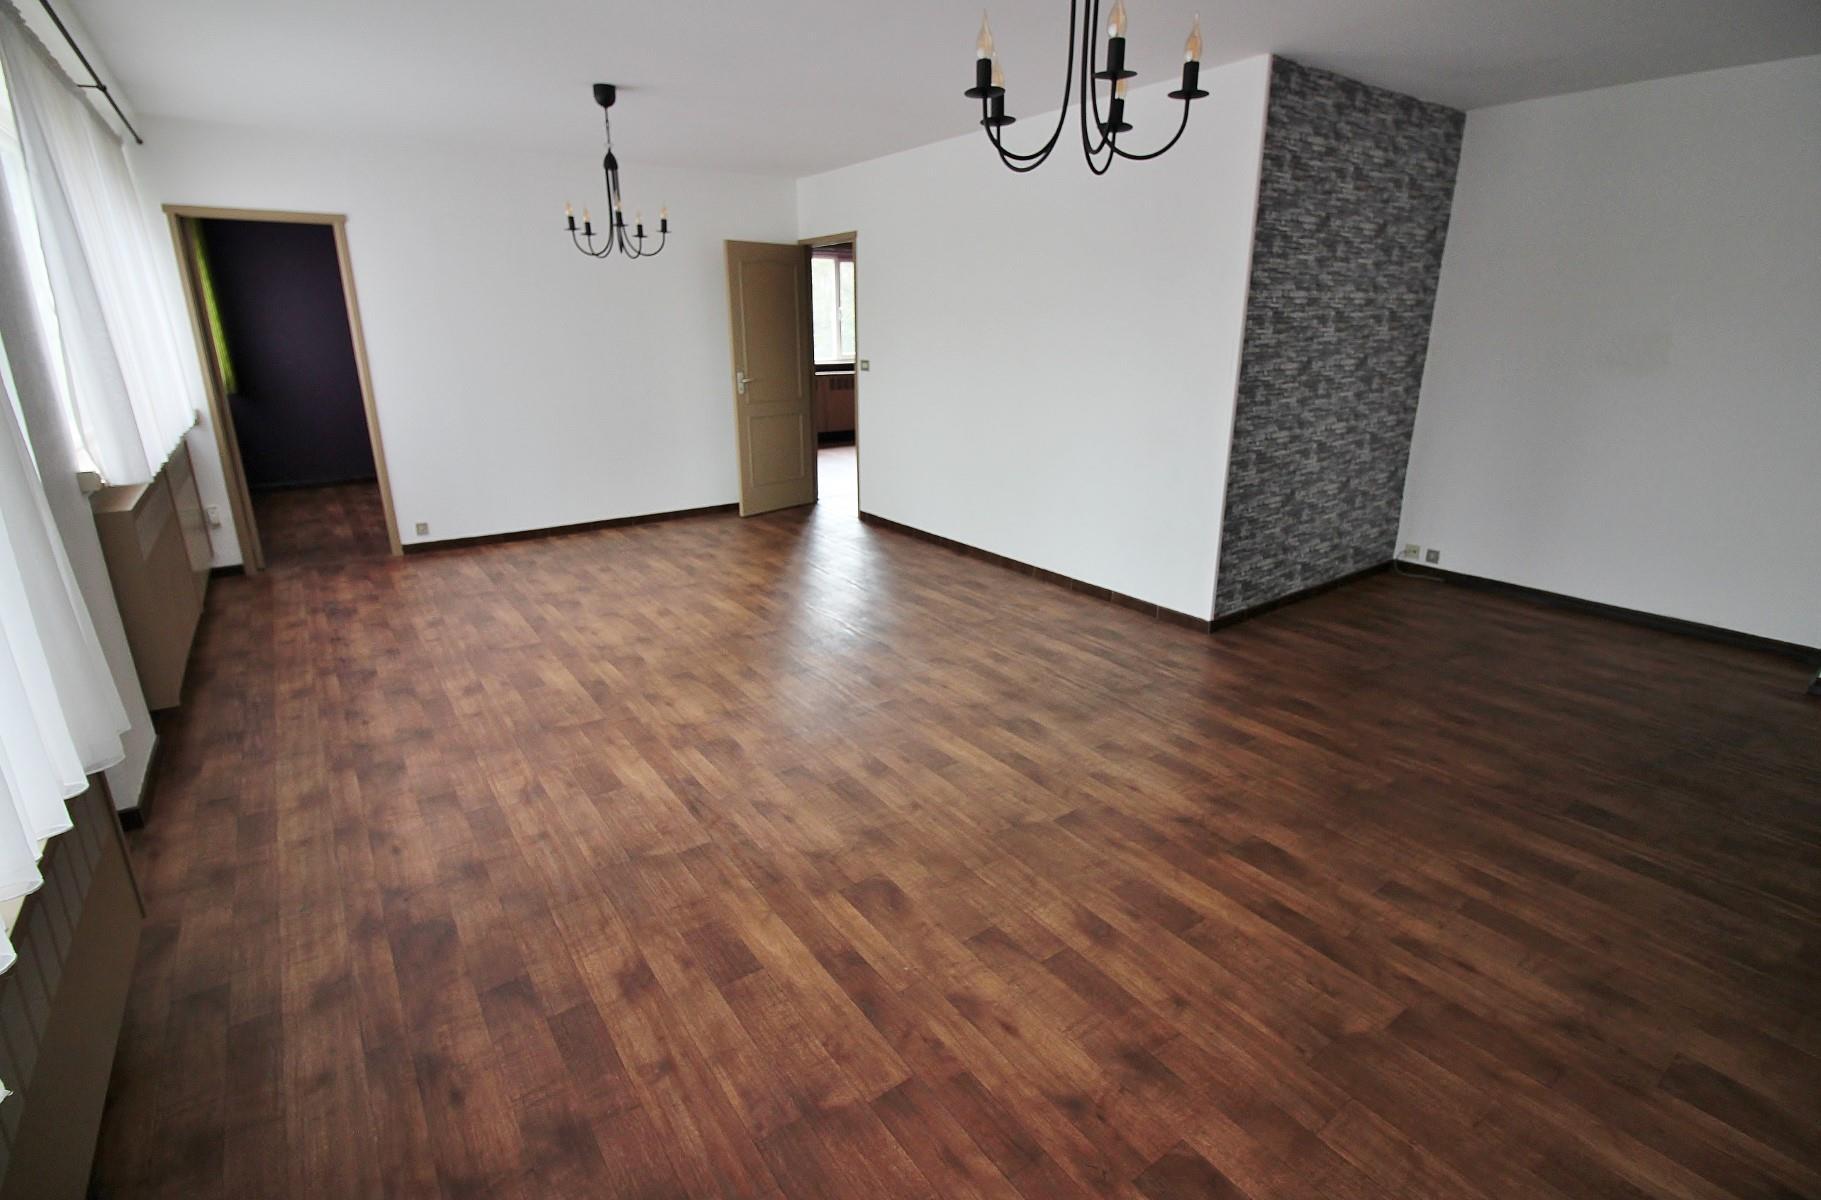 Appartement - Seraing - #4025985-1